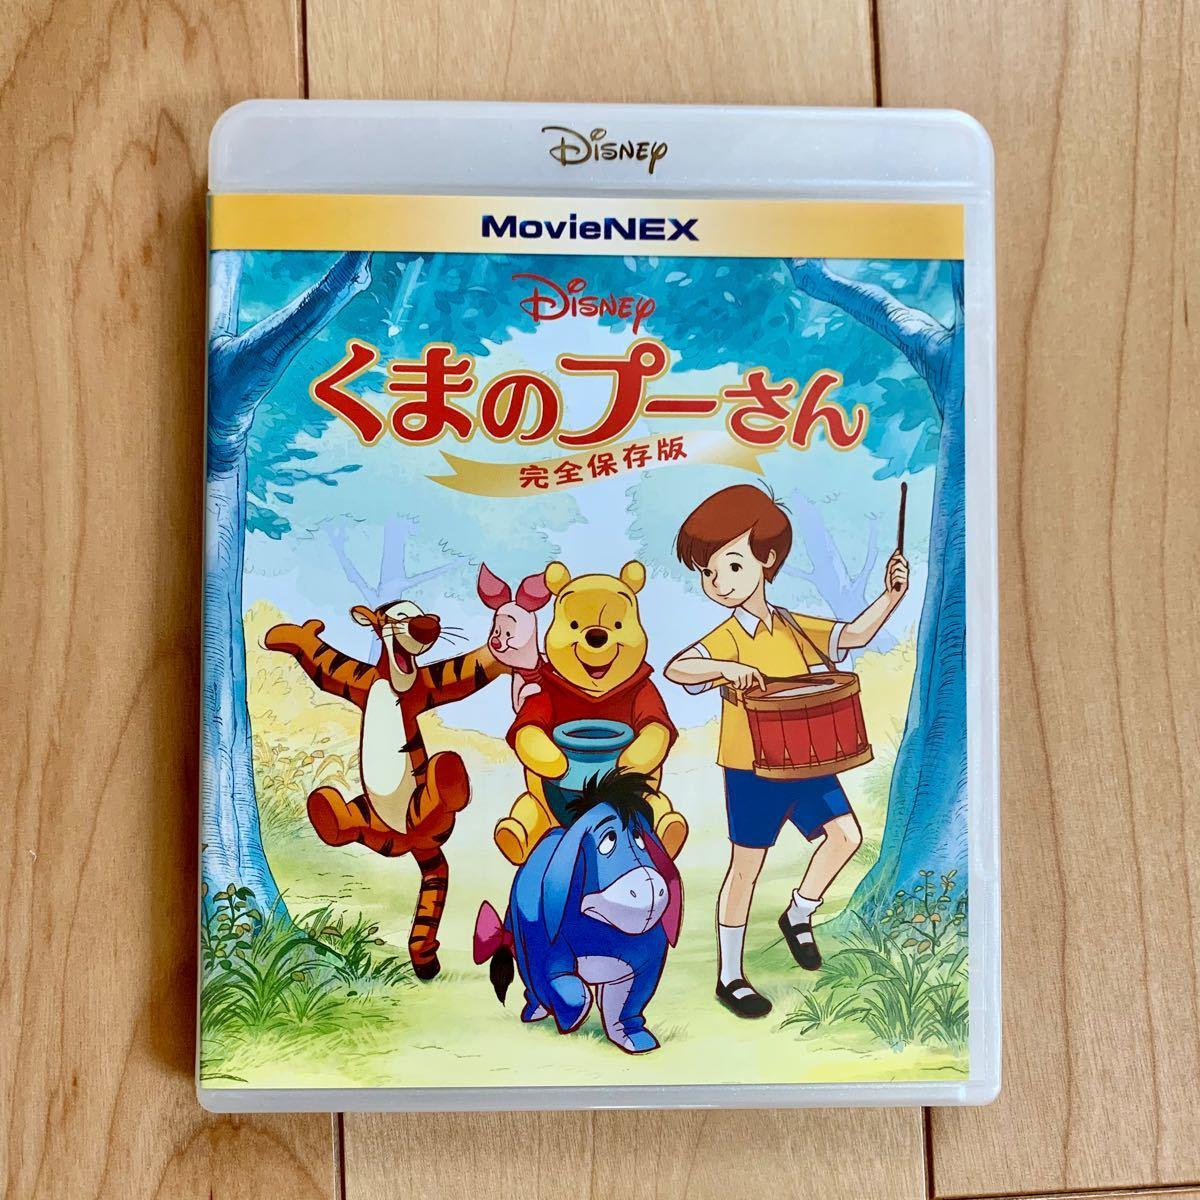 くまのプーさん 完全保存版 MovieNEX 【国内正規版】DVDディスクのみ 新品未再生 Disney ディズニー